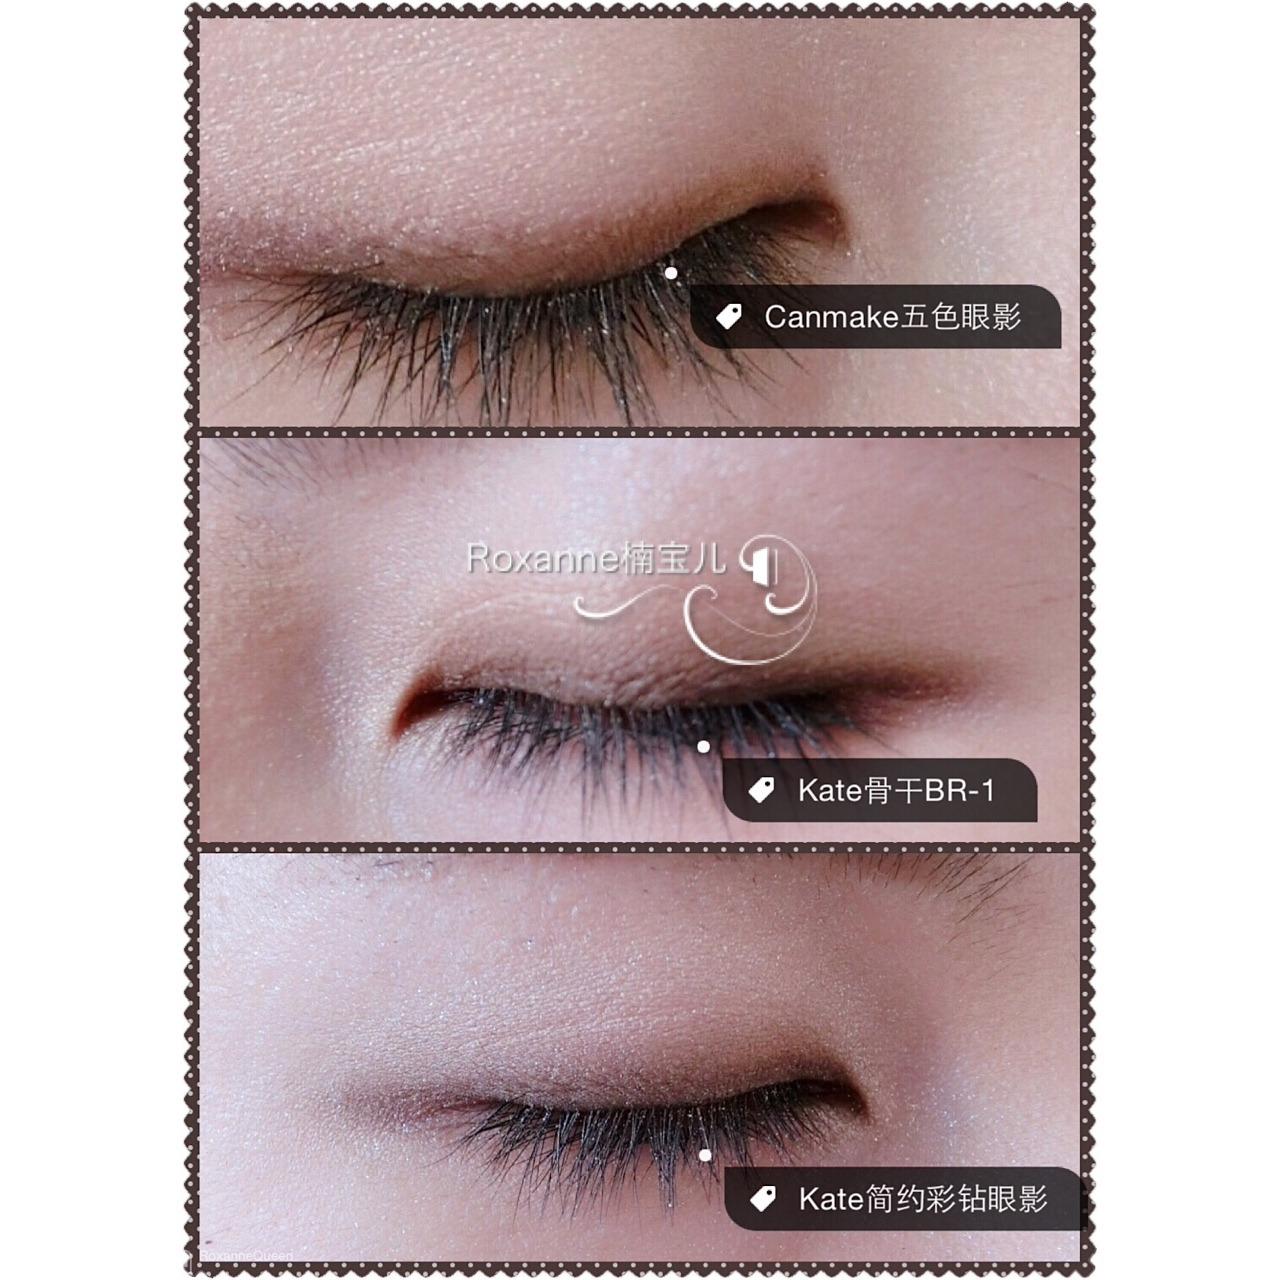 canmake眼影&kate眼影(带上妆效果图)我以前眼妆就一个步骤 睫毛膏